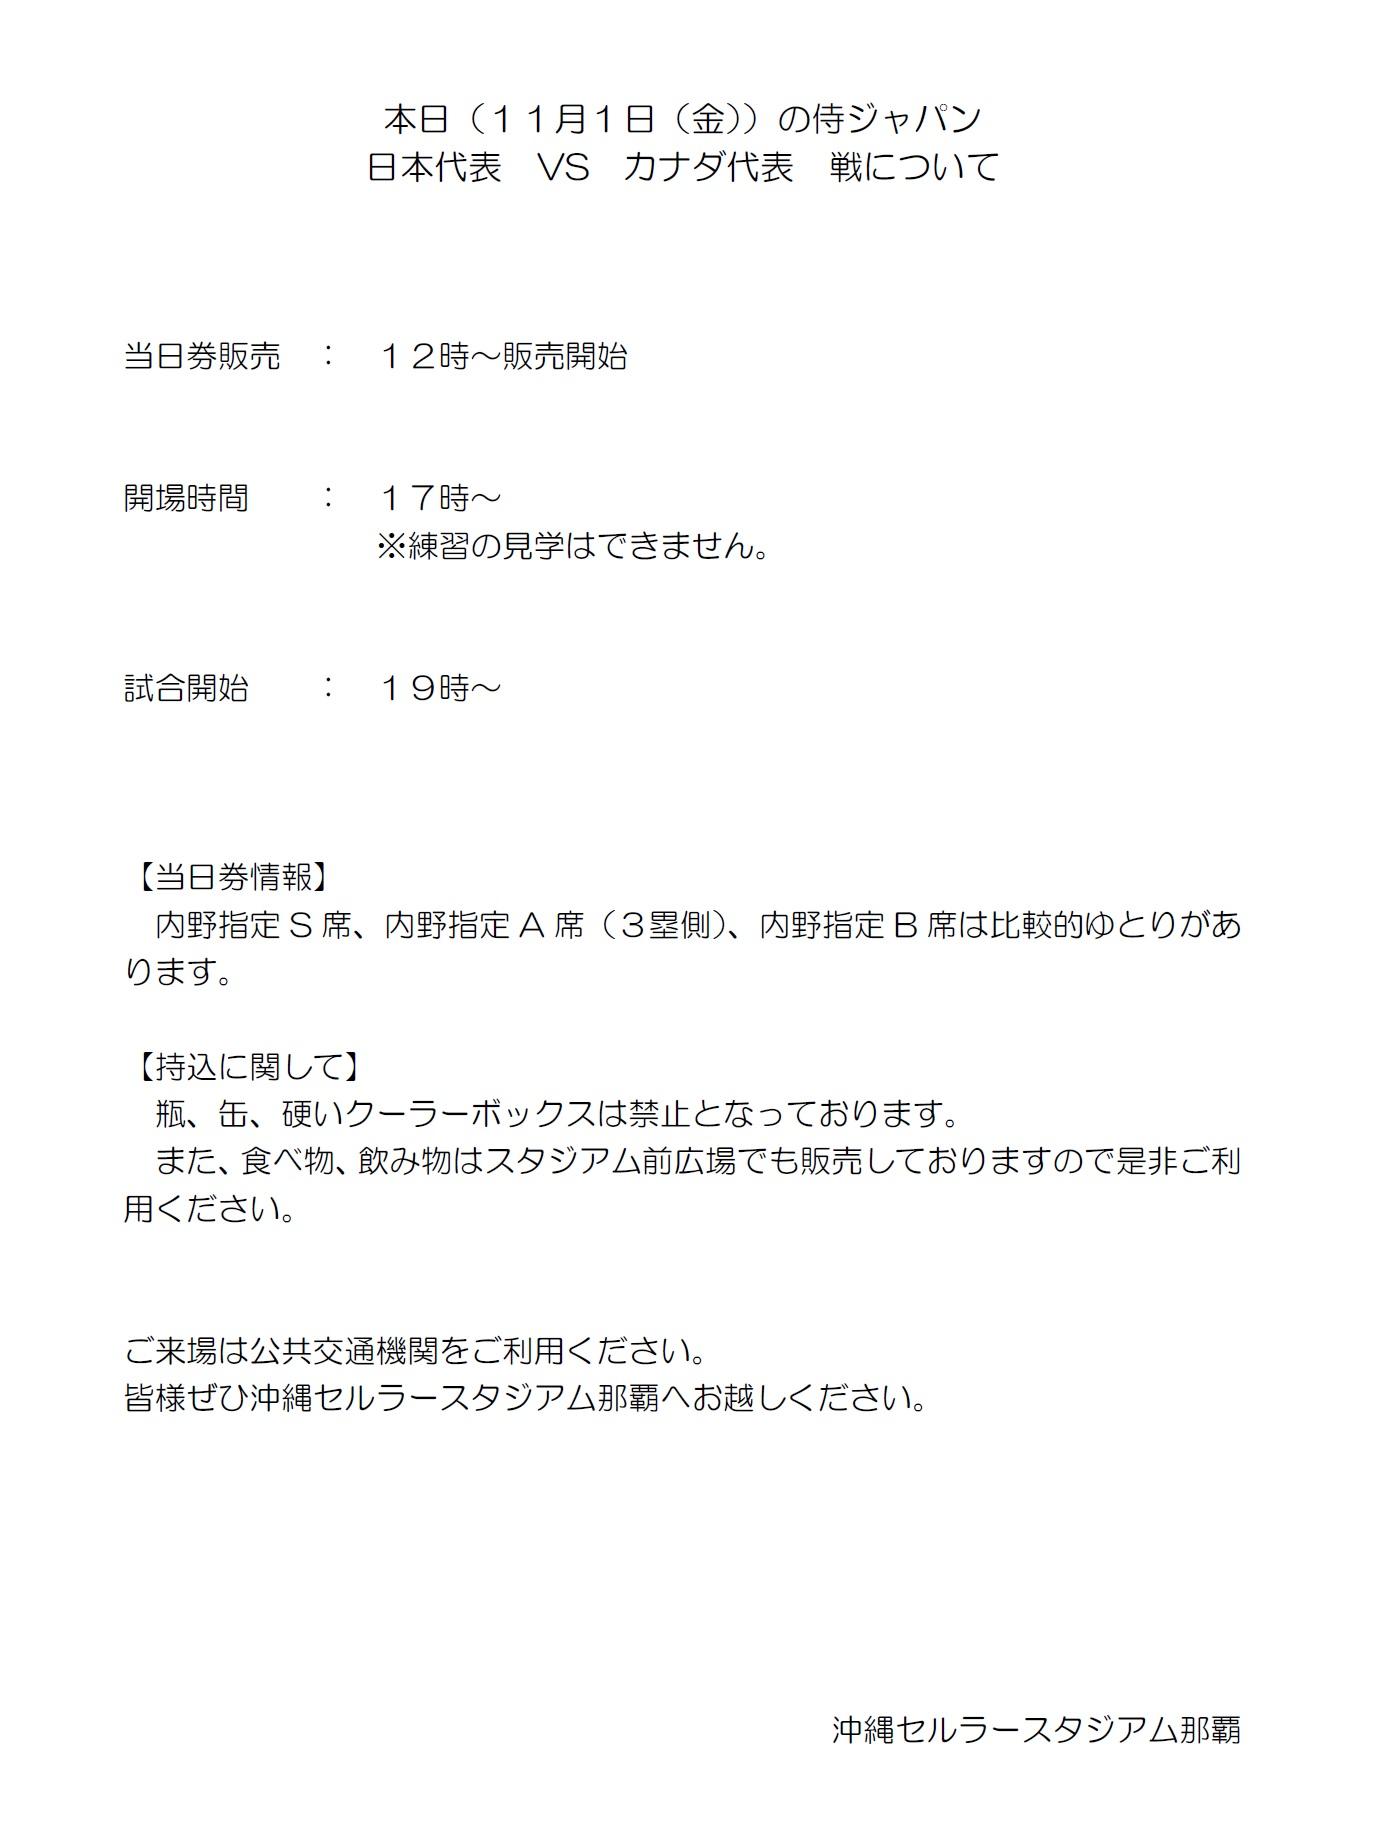 侍ジャパン11.1HP用